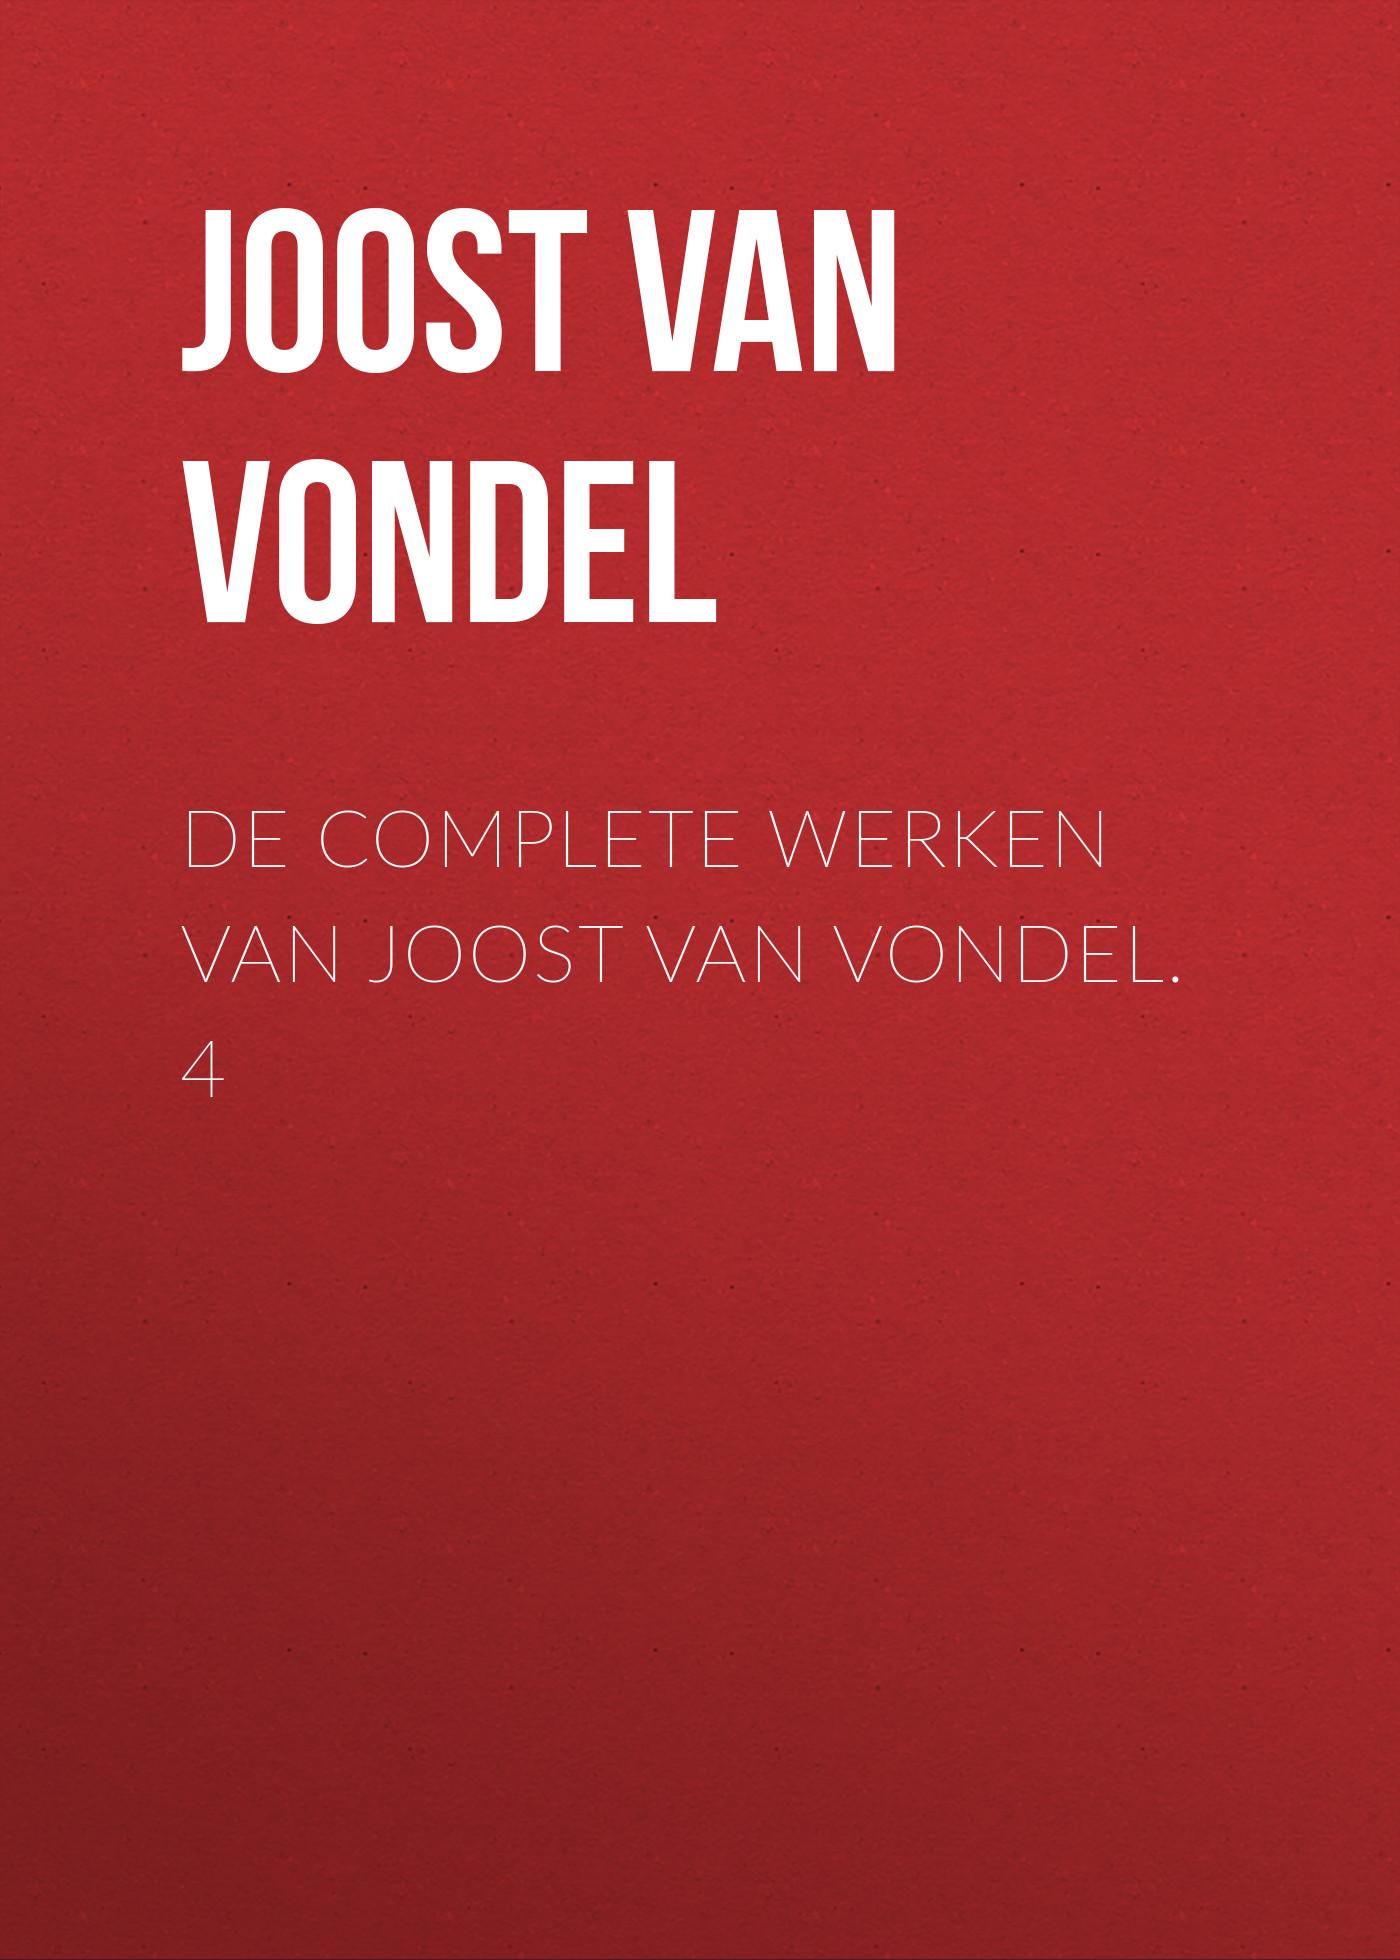 Joost van den Vondel De complete werken van Joost van Vondel. 4 joost van den vondel de complete werken van joost van vondel 3